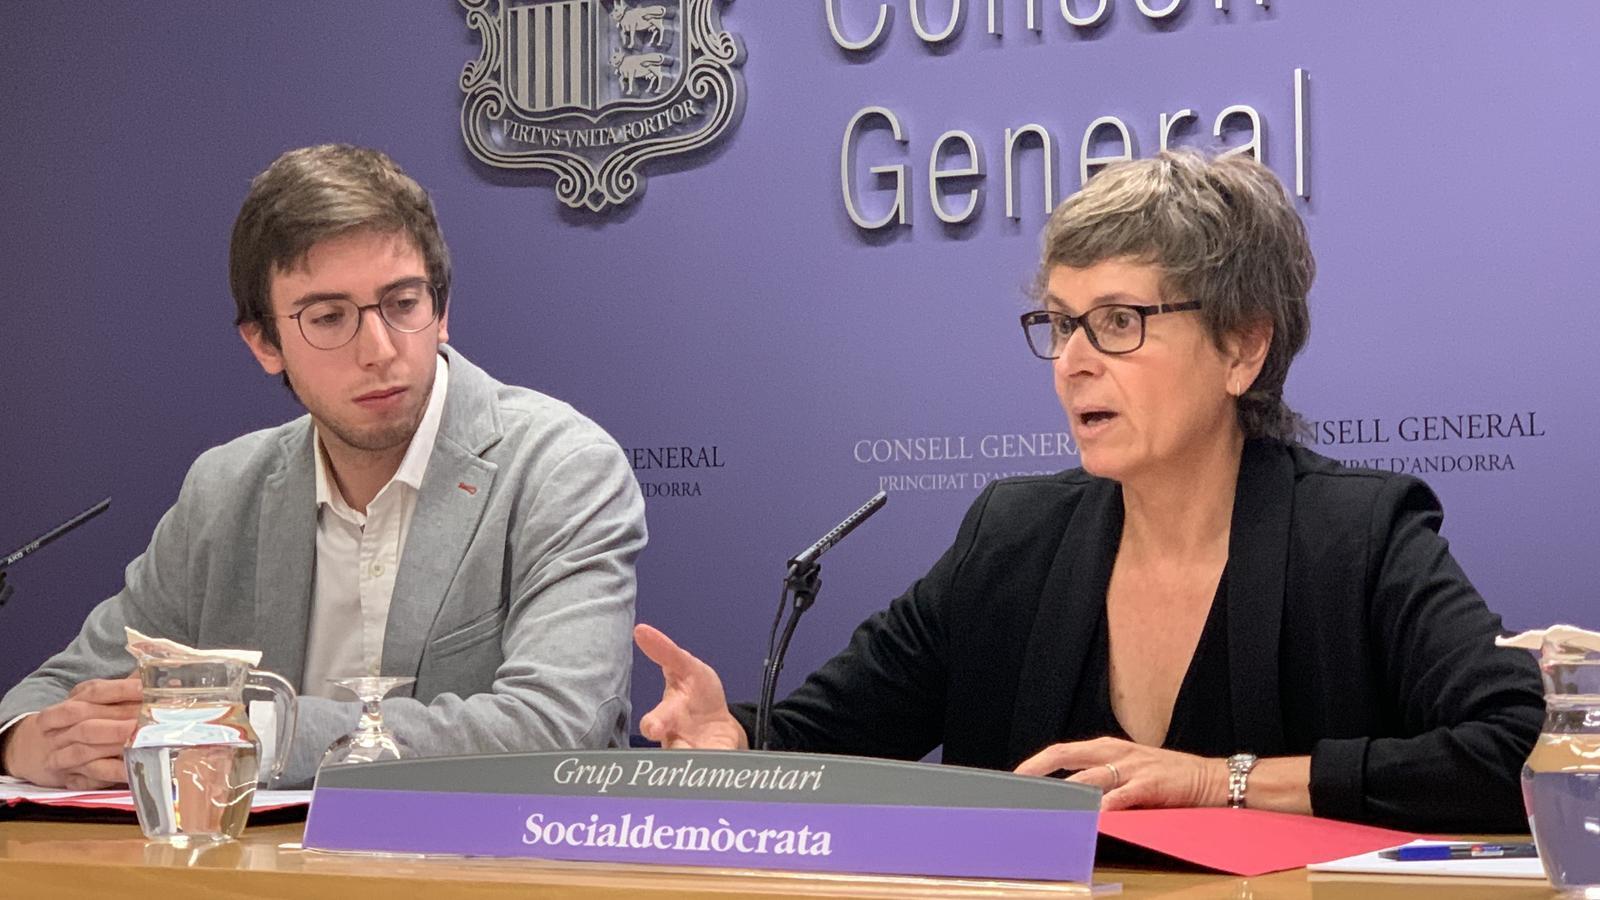 Els consellers generals del grup parlamentari socialsdemòcrata, Susanna Vela i Roger Padreny. / C.A.